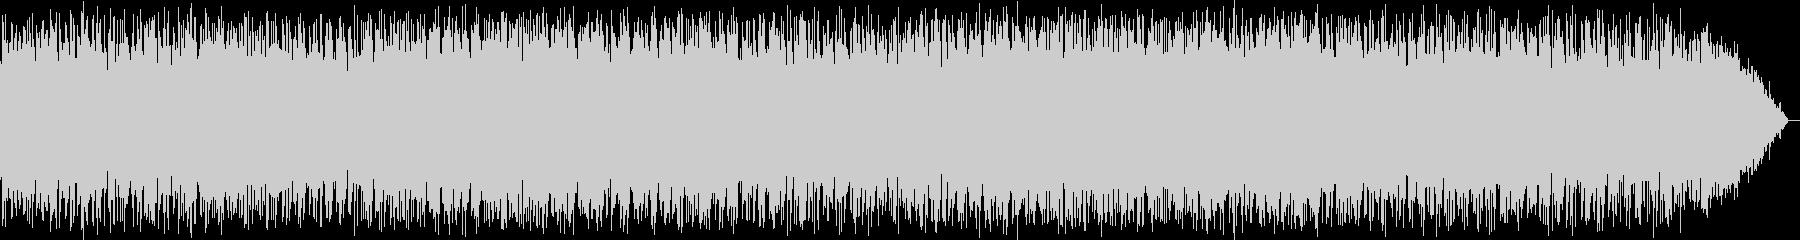 のんびり歩くようなイメージのケーナの音楽の未再生の波形